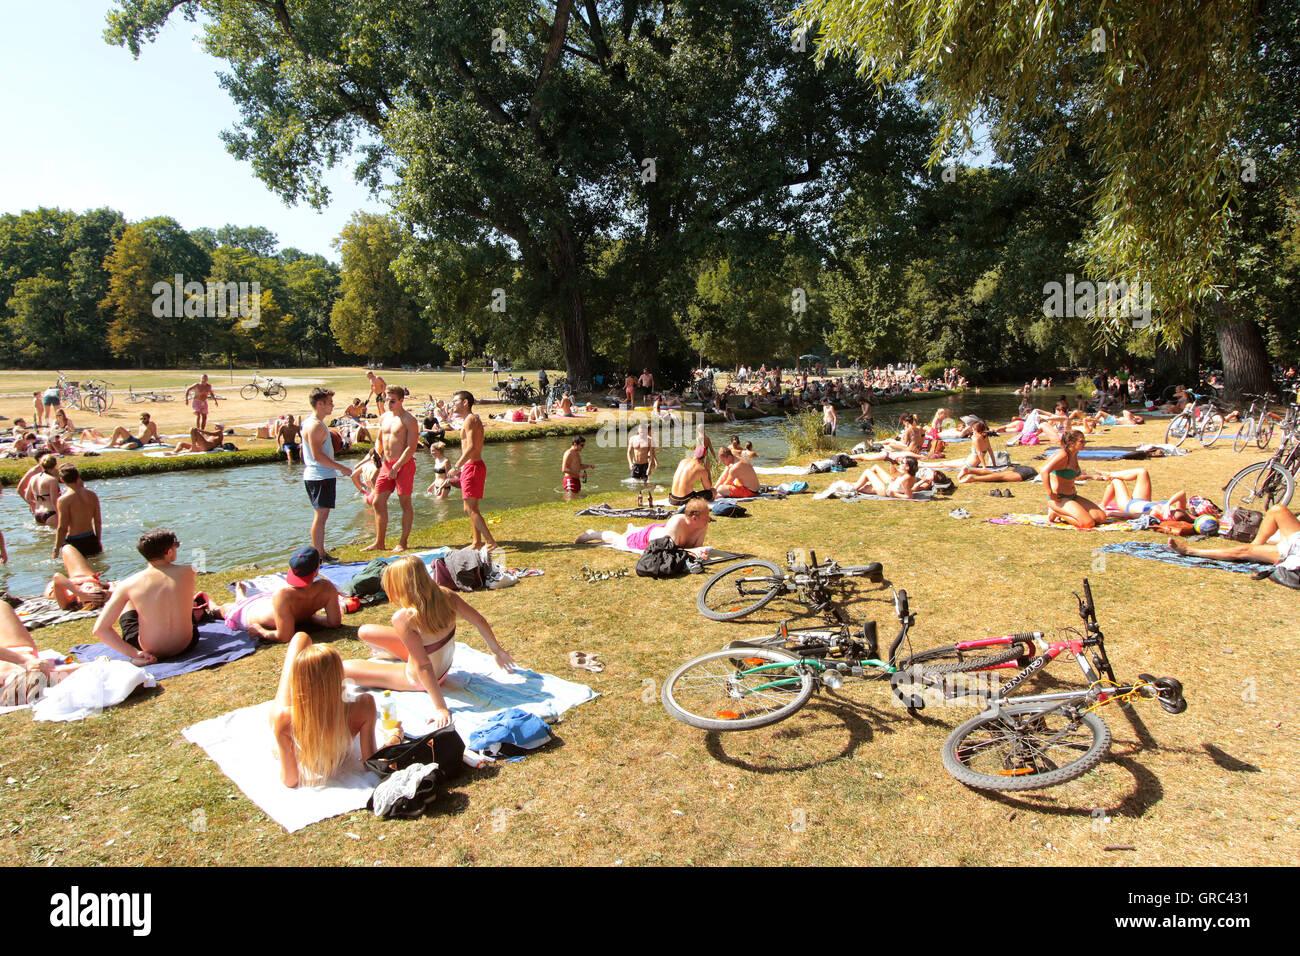 Crowded Lawn During Heat Wave At Englischer Garten In Munich Stock Photo